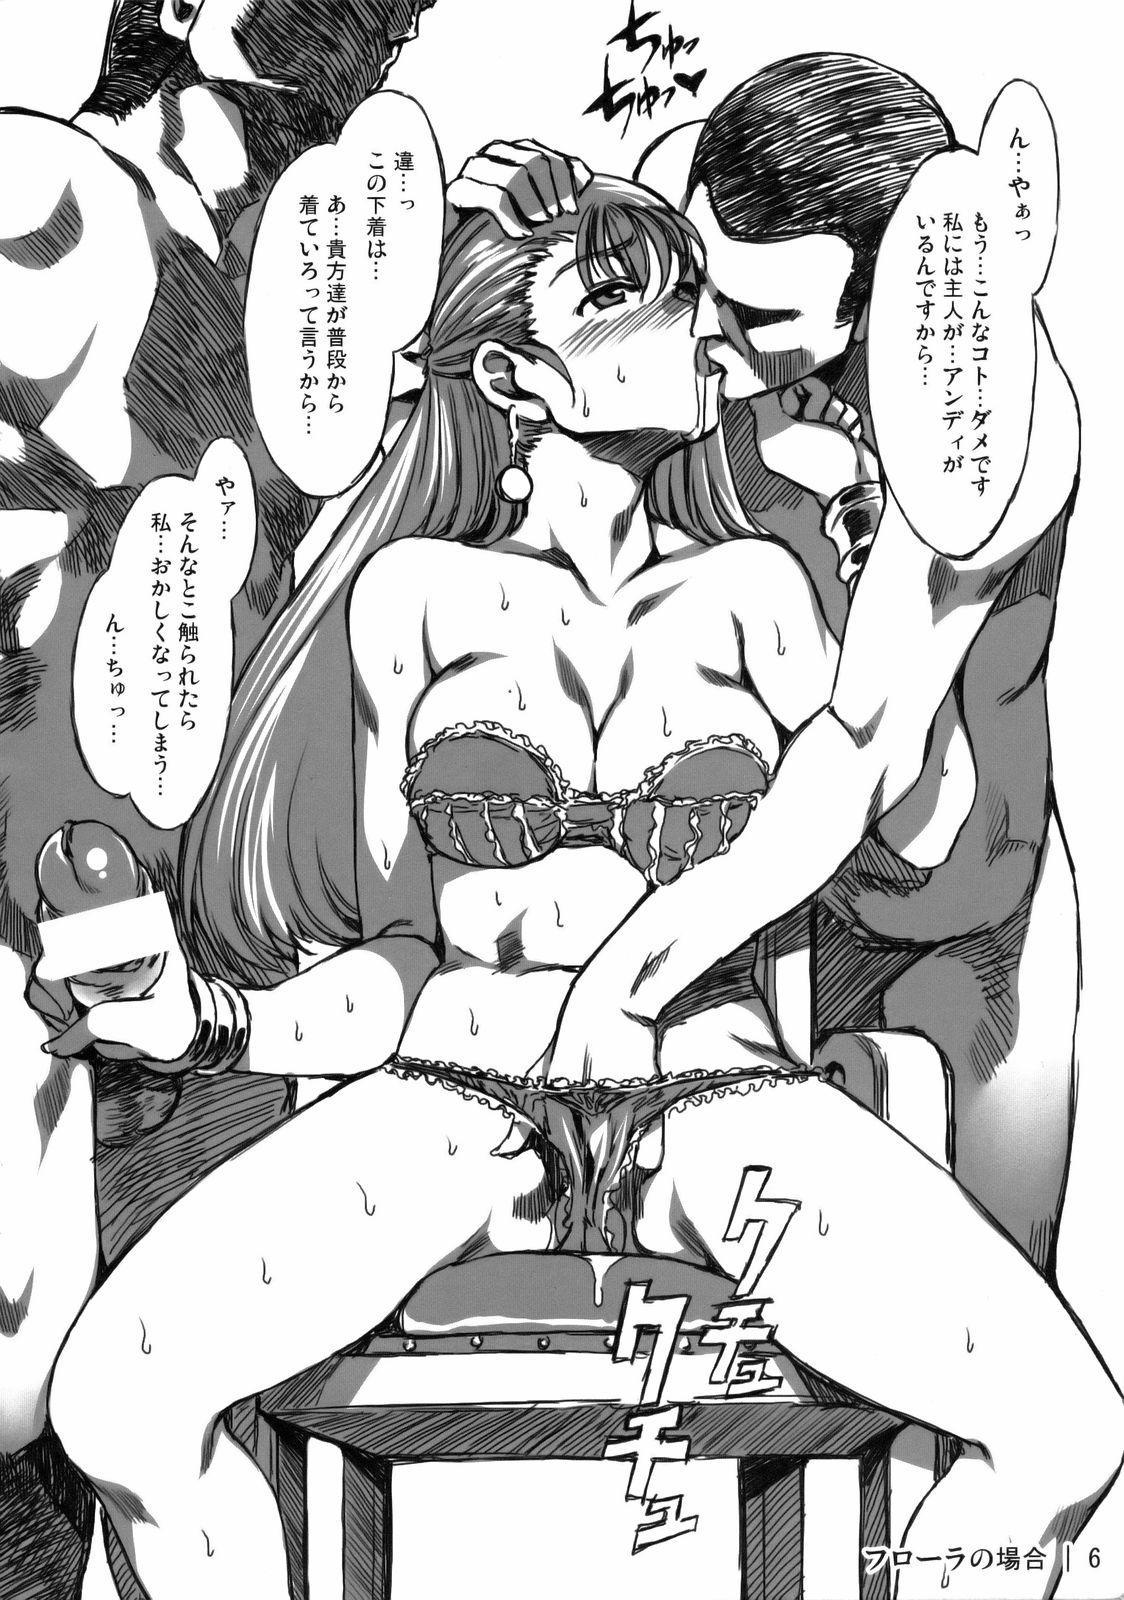 Tenkuu no Hanayome 5